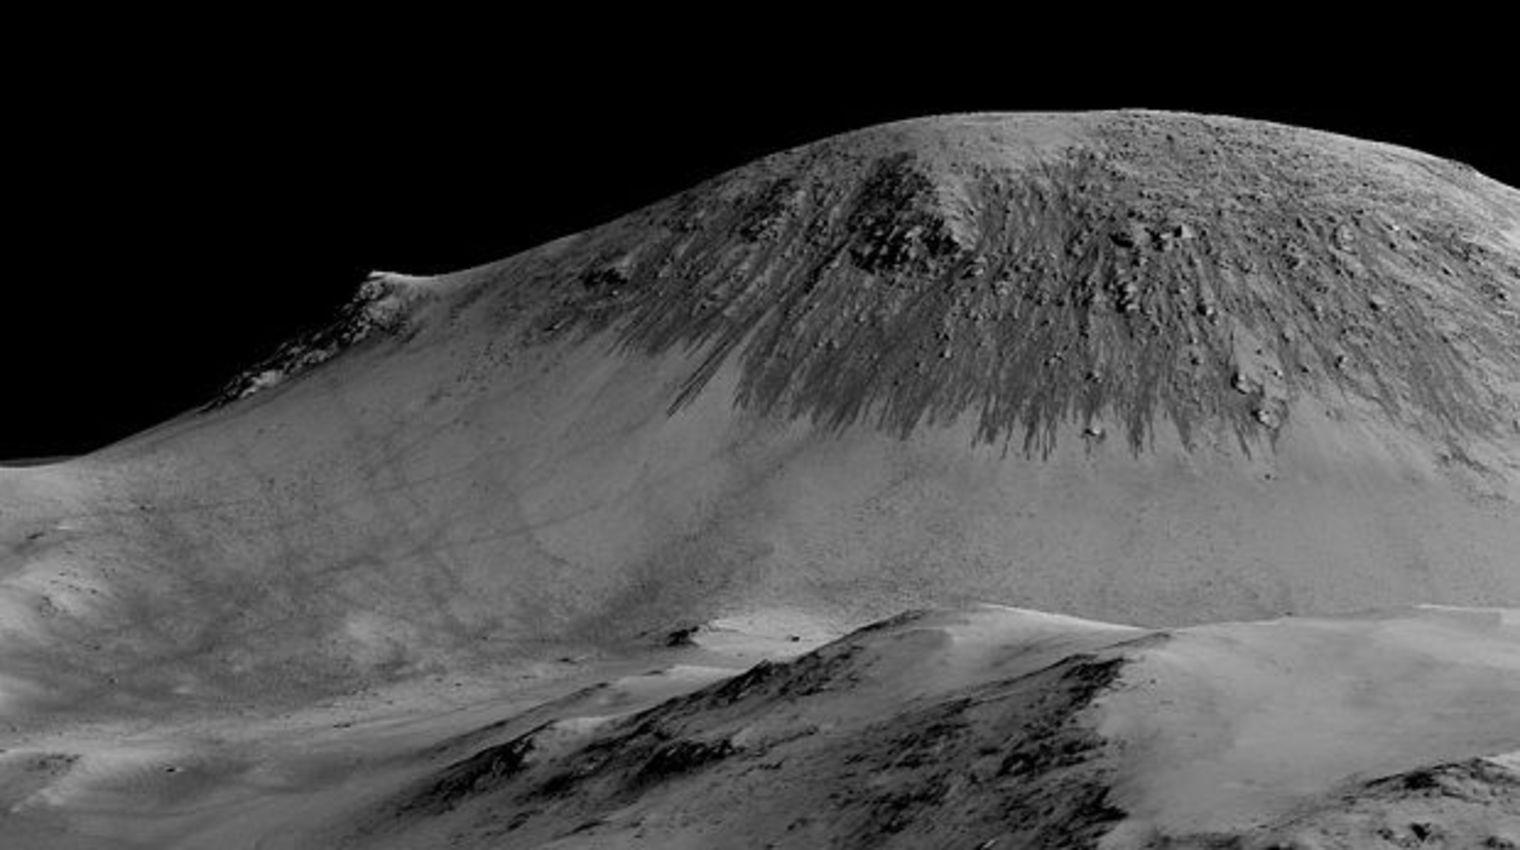 Ces traînées noires sur la planète Mars sont formées par de l'eau liquide. NASA/JPL/University of Arizona